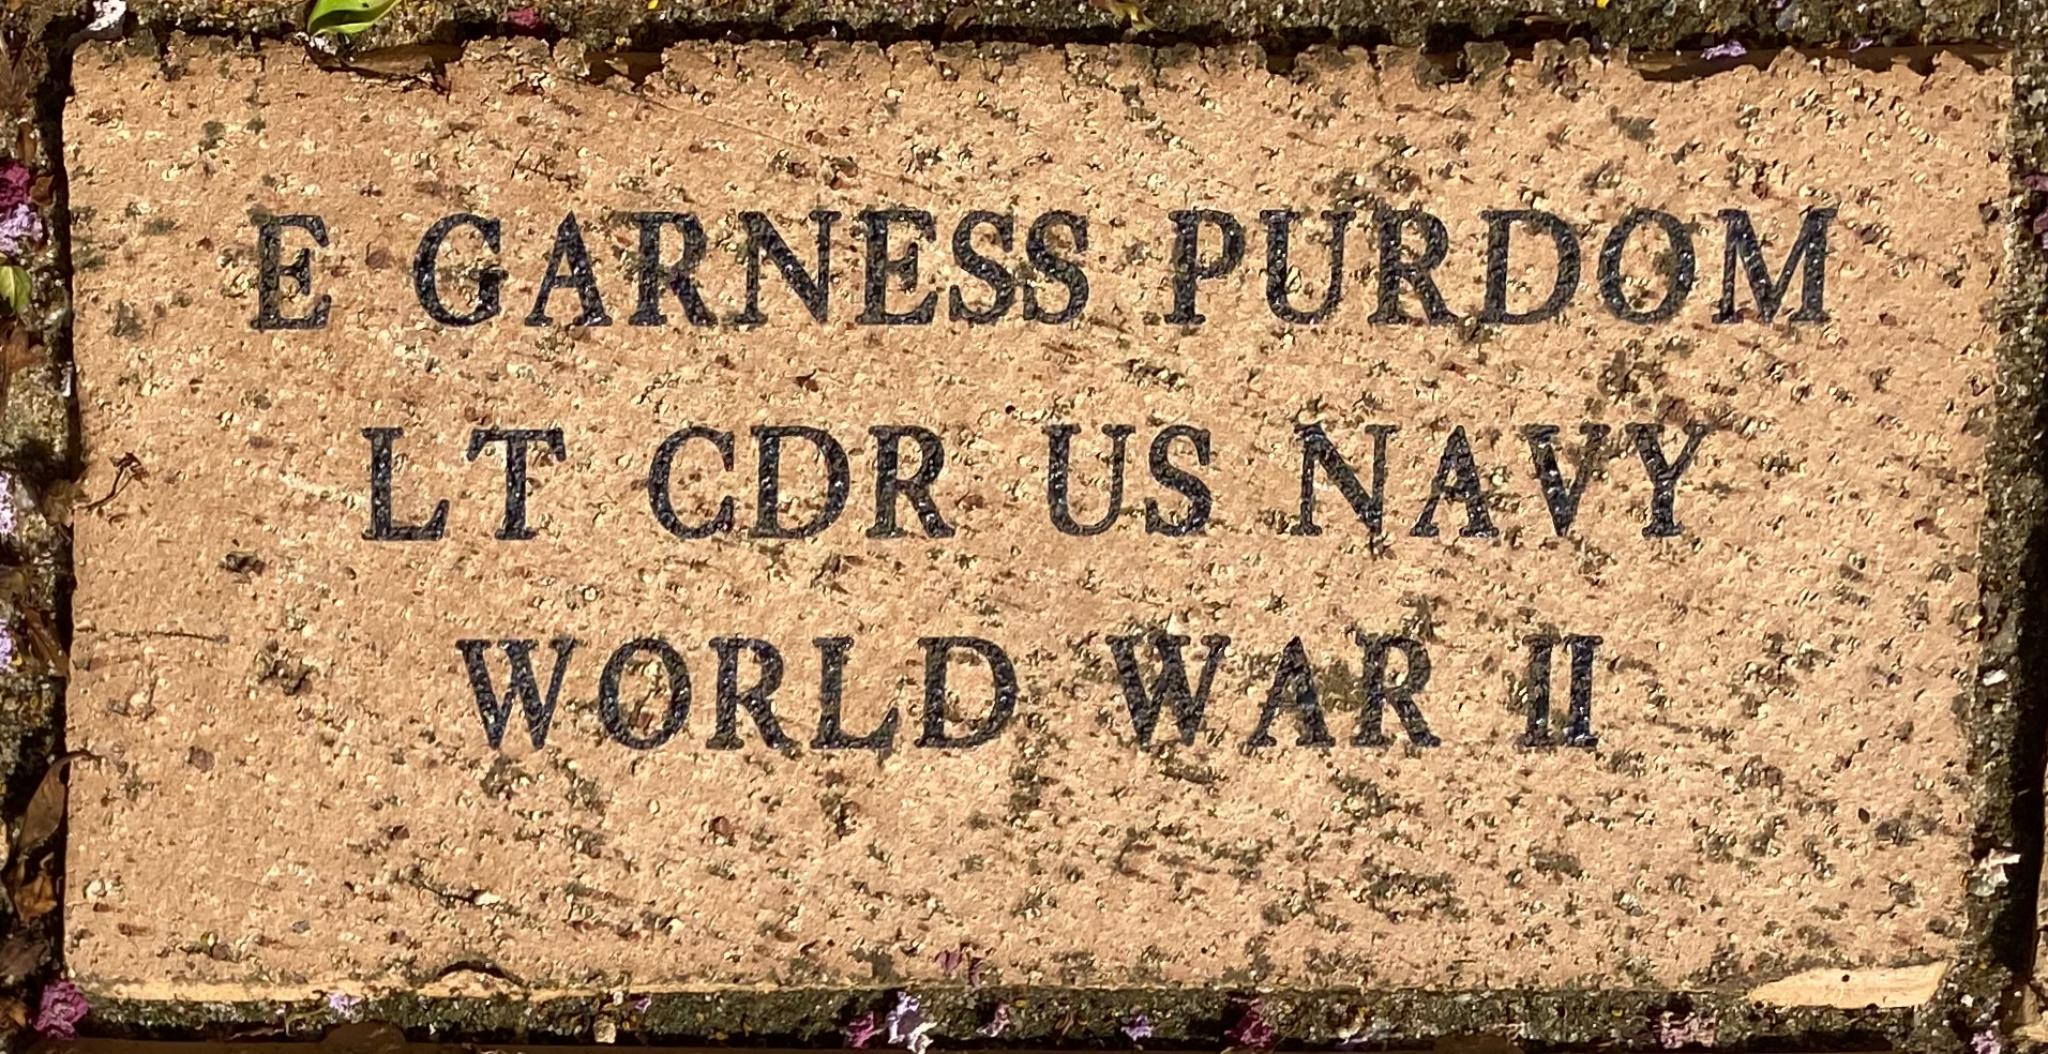 E GARNESS PURDOM LT CDR US NAVY WORLD WAR II